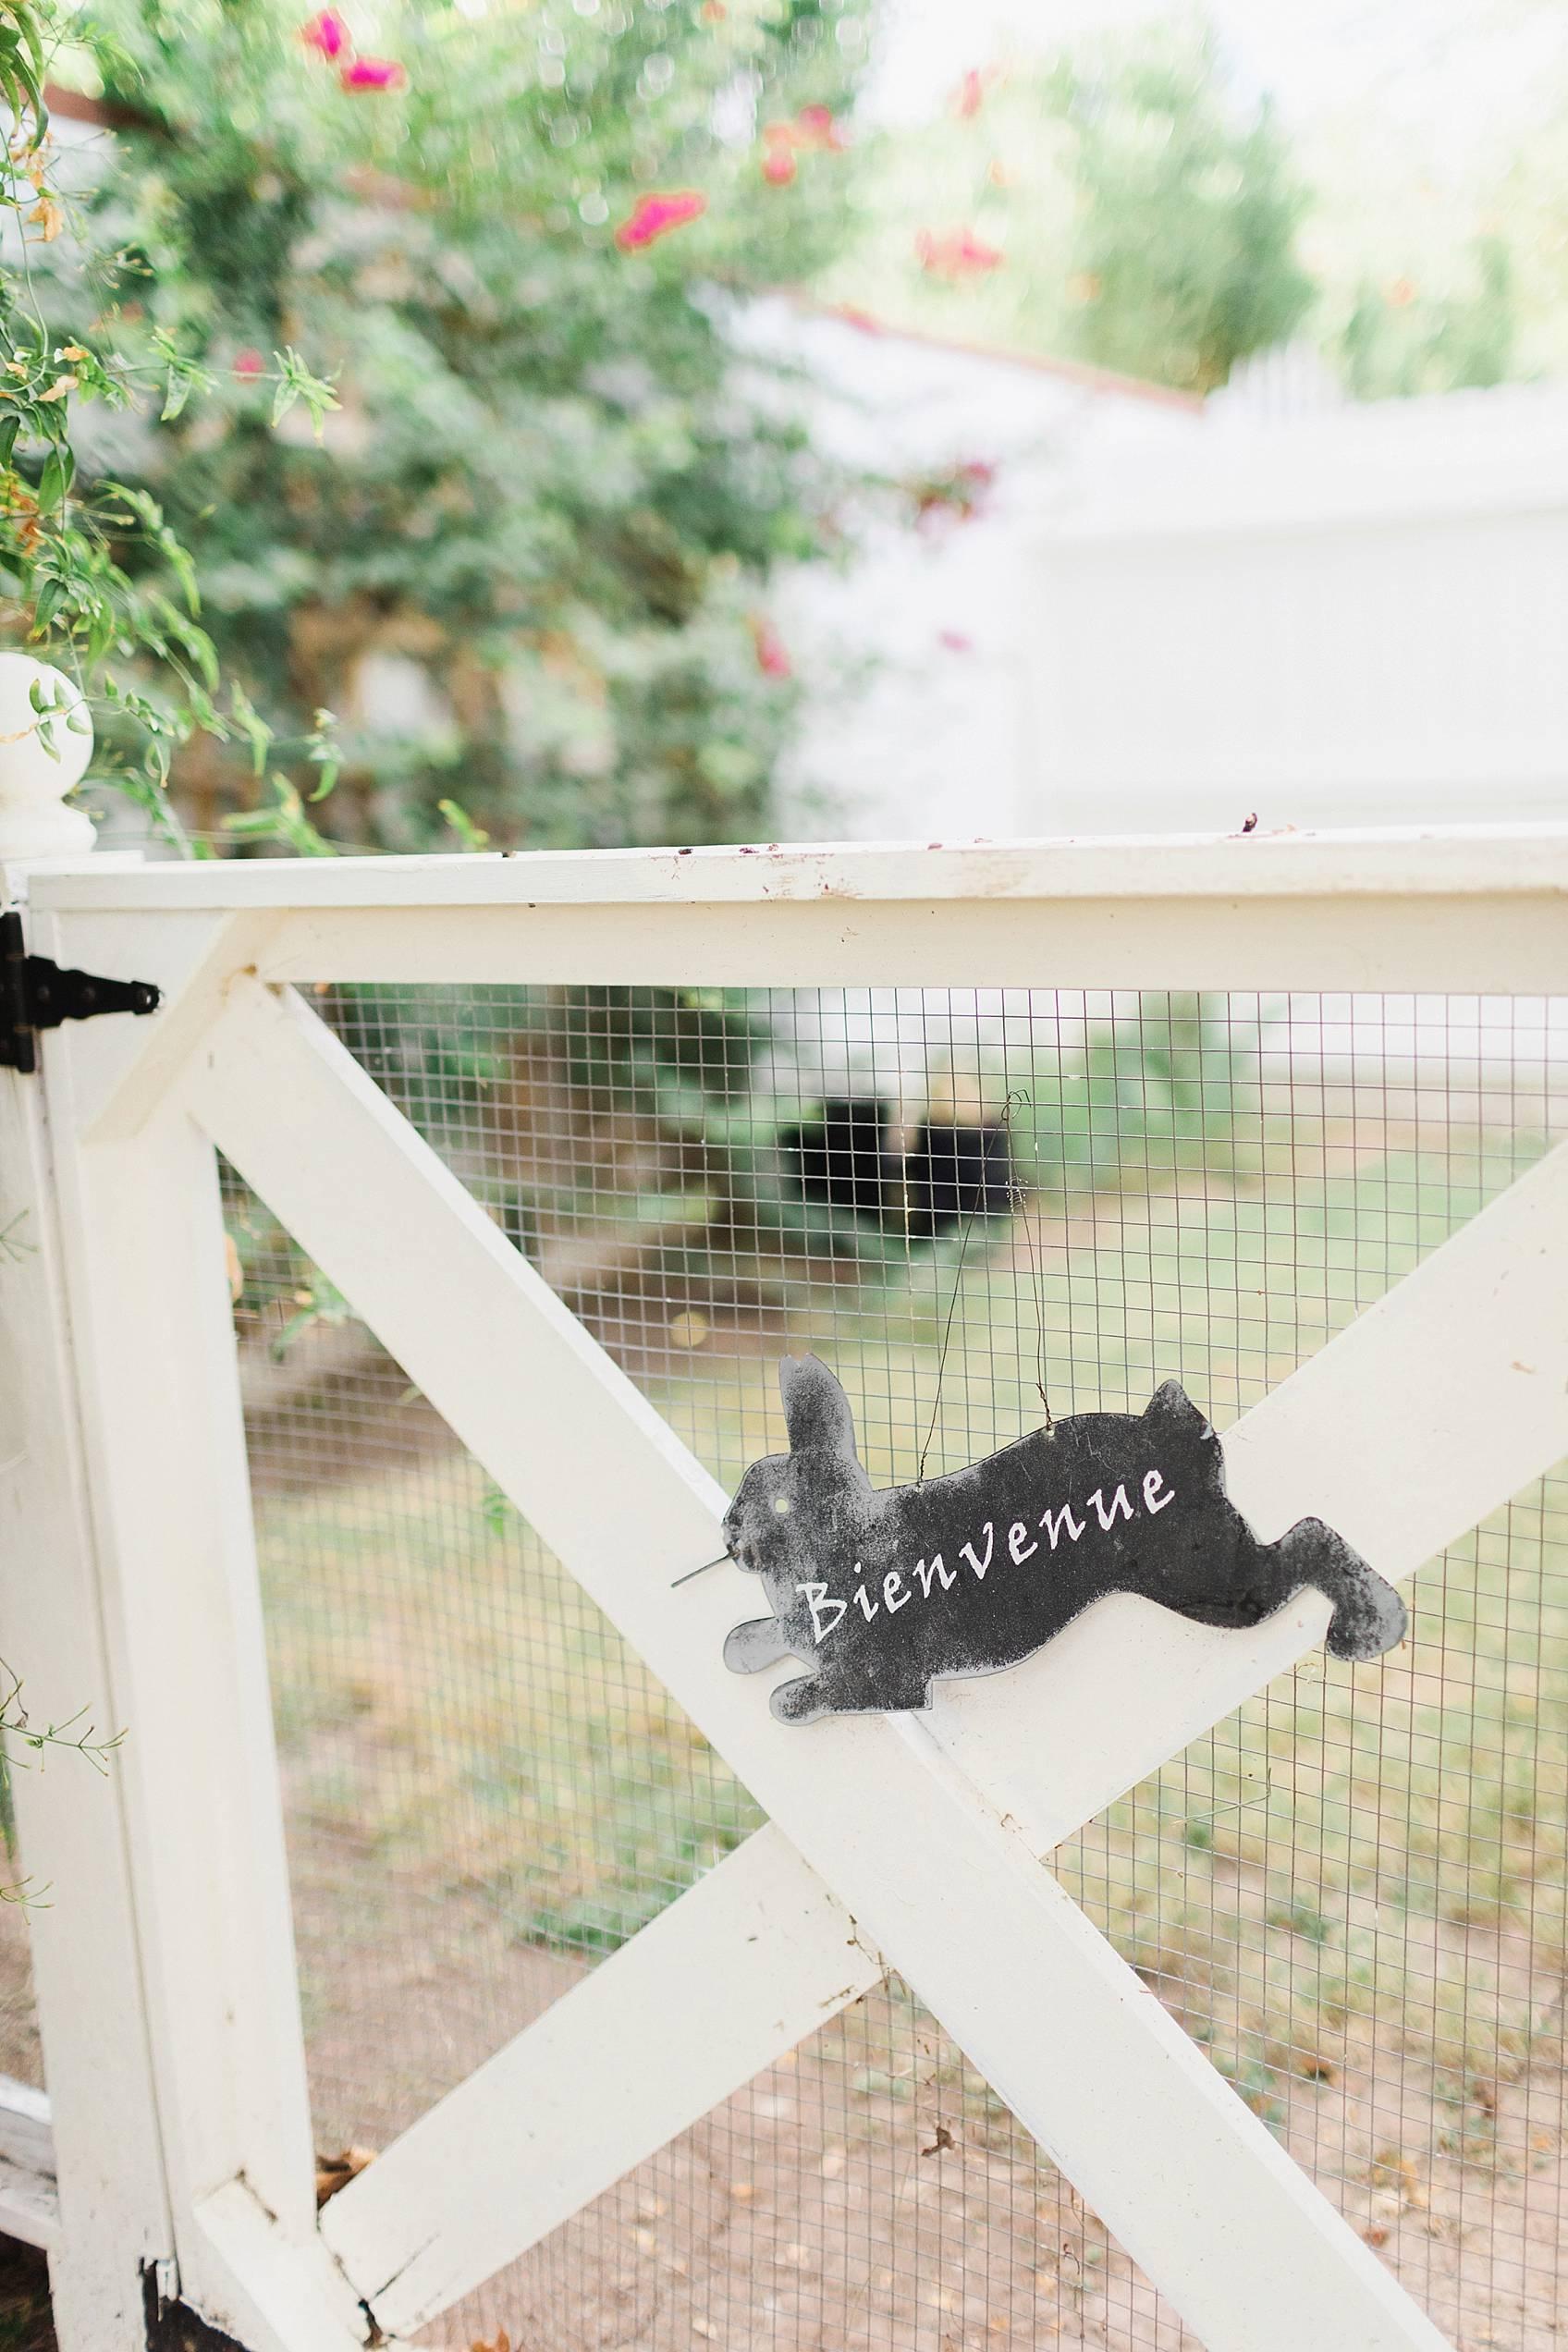 bunny on side gate in backyard